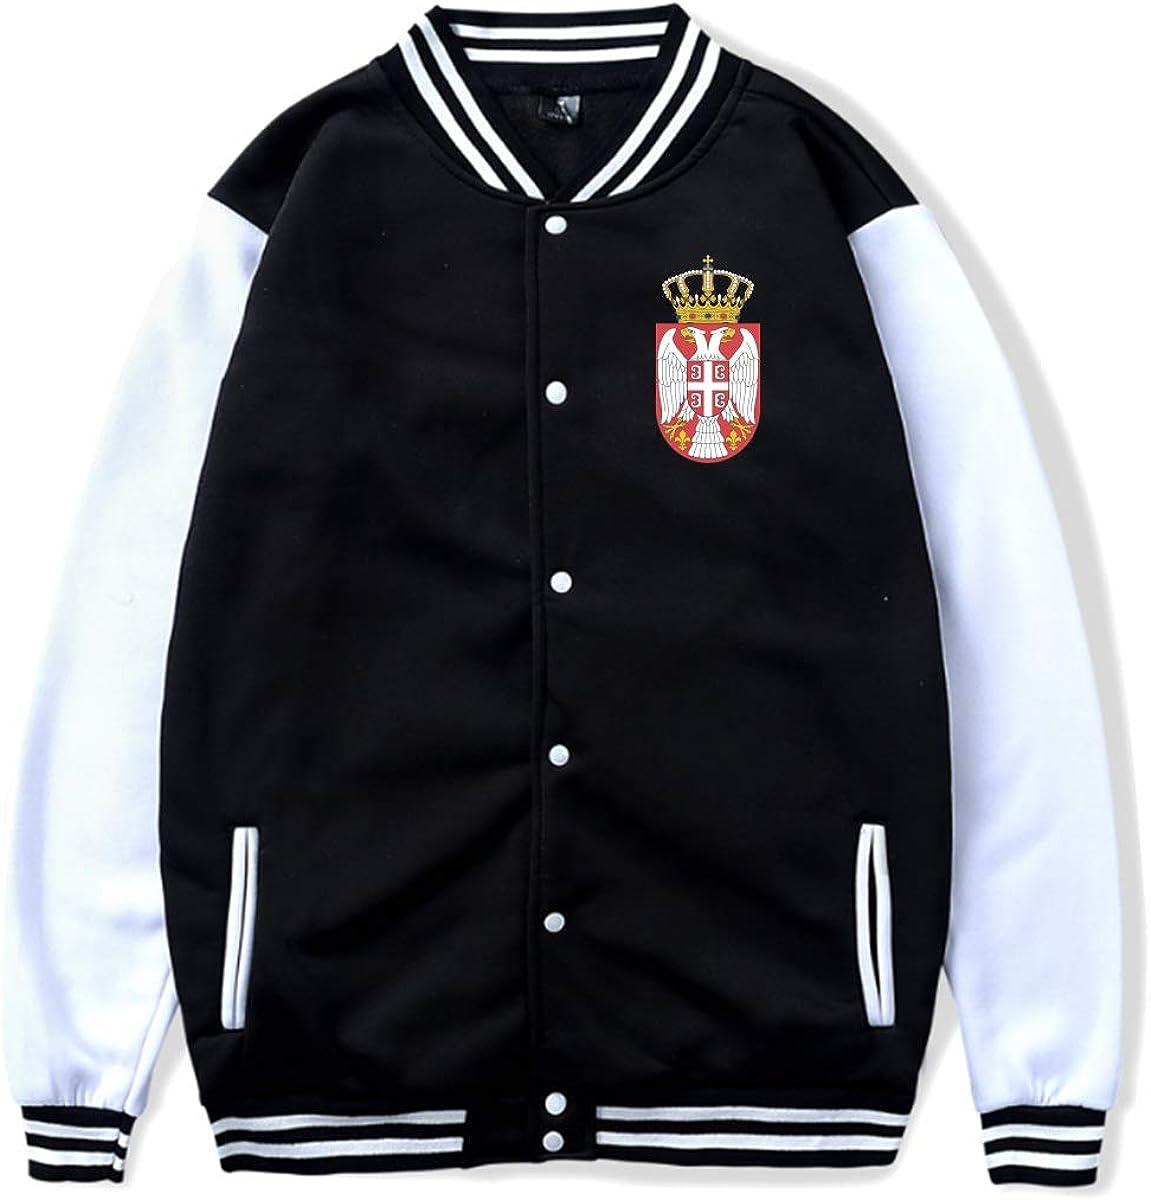 ZGYPBA2BA Herb Serbii Baseball Uniform Jacket Sport Coat